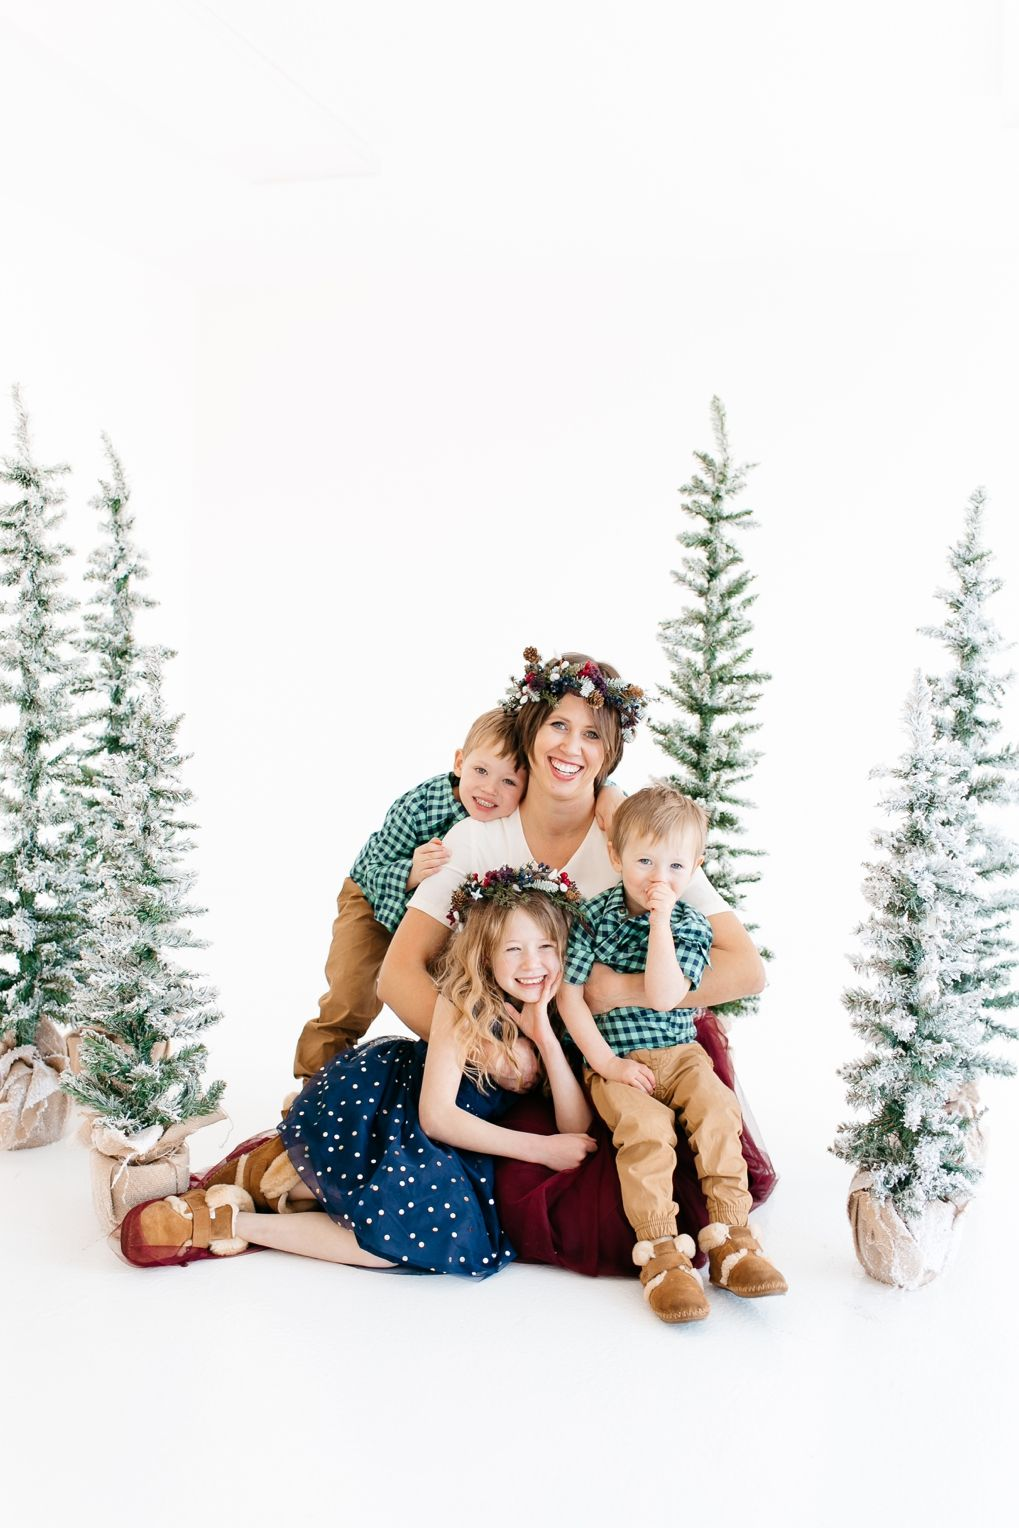 estherziegler.com -   14 christmas photoshoot couples studio ideas